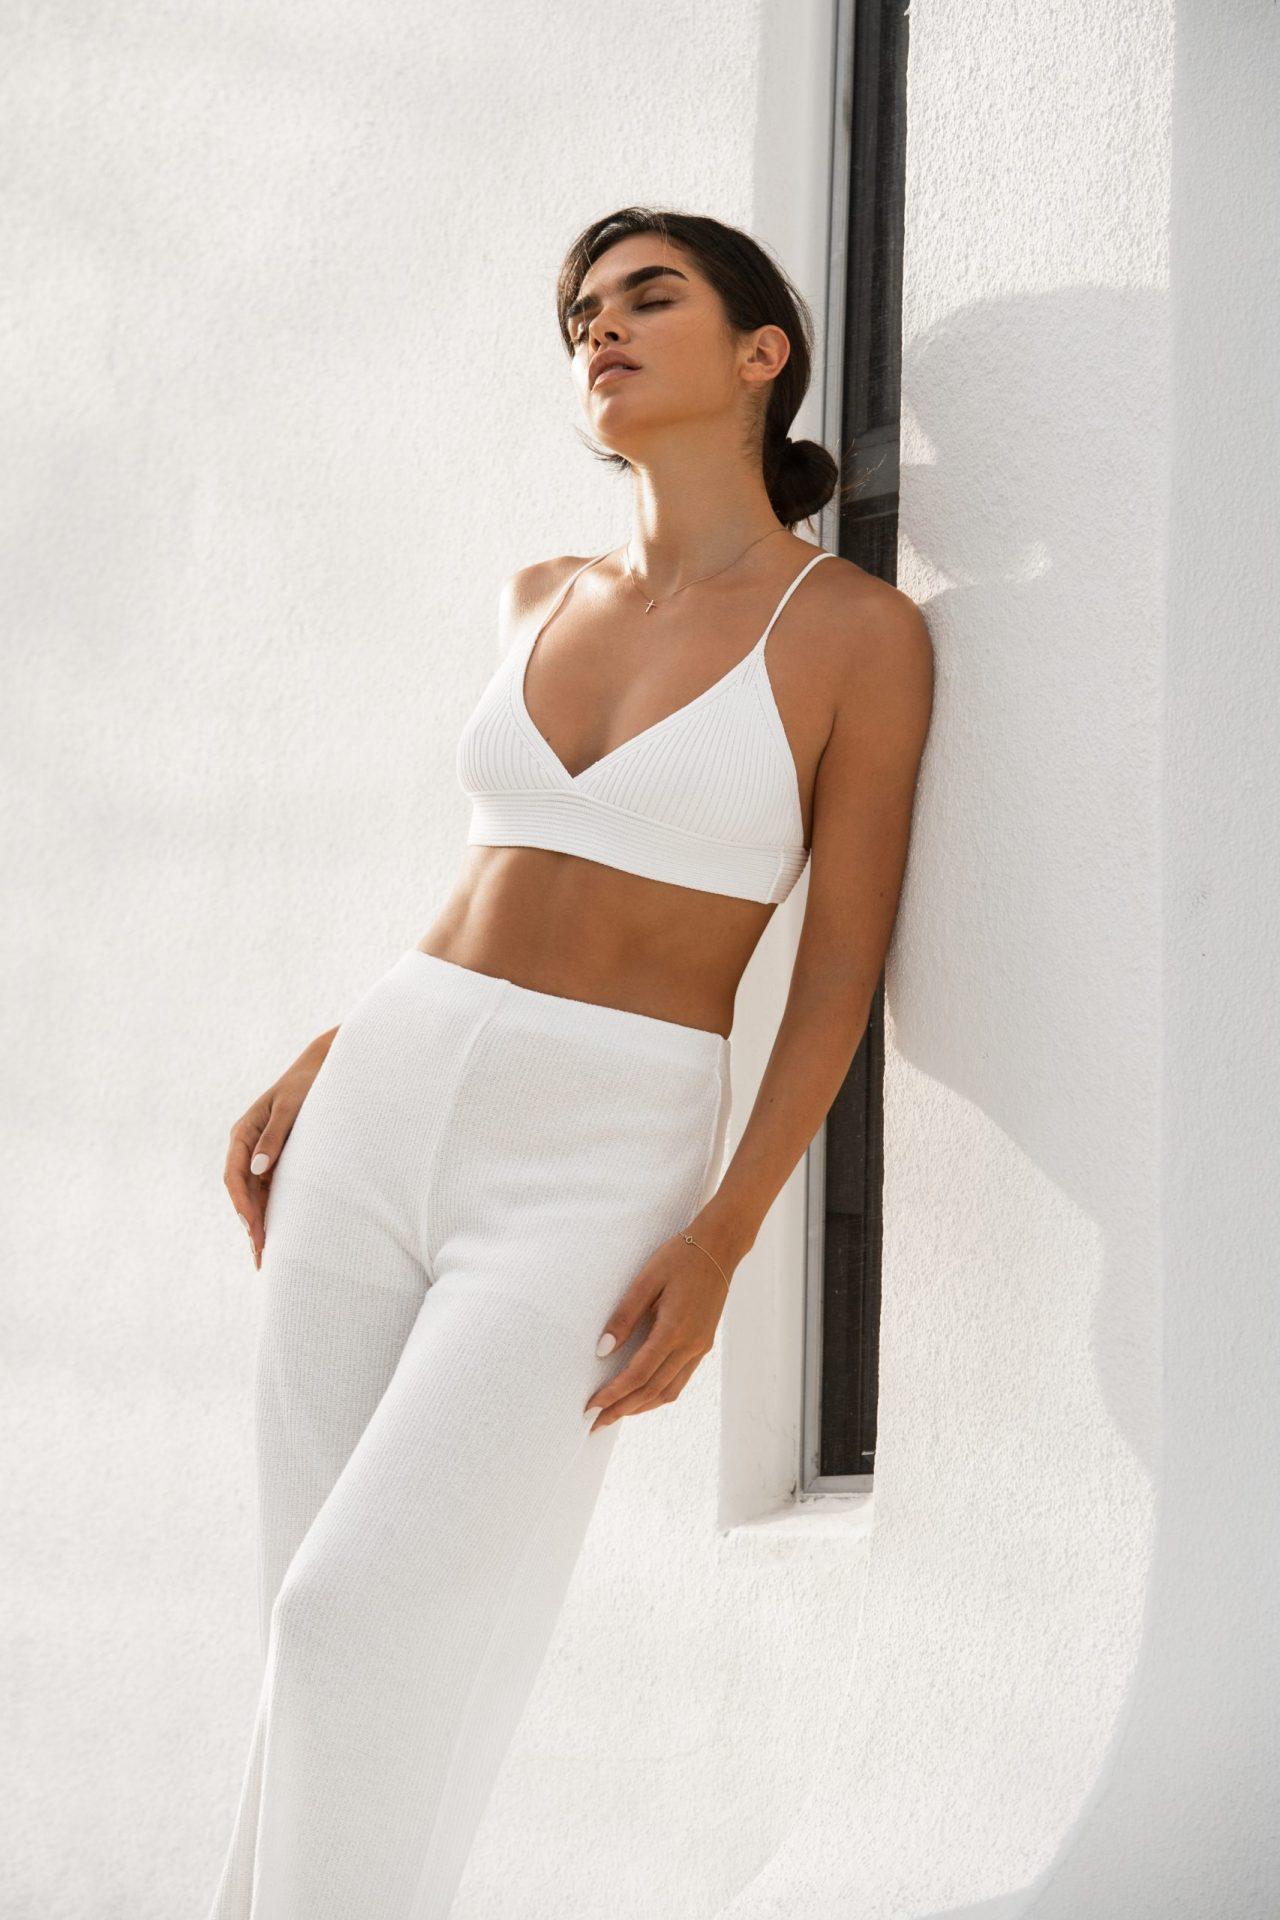 Dani Taylor in White